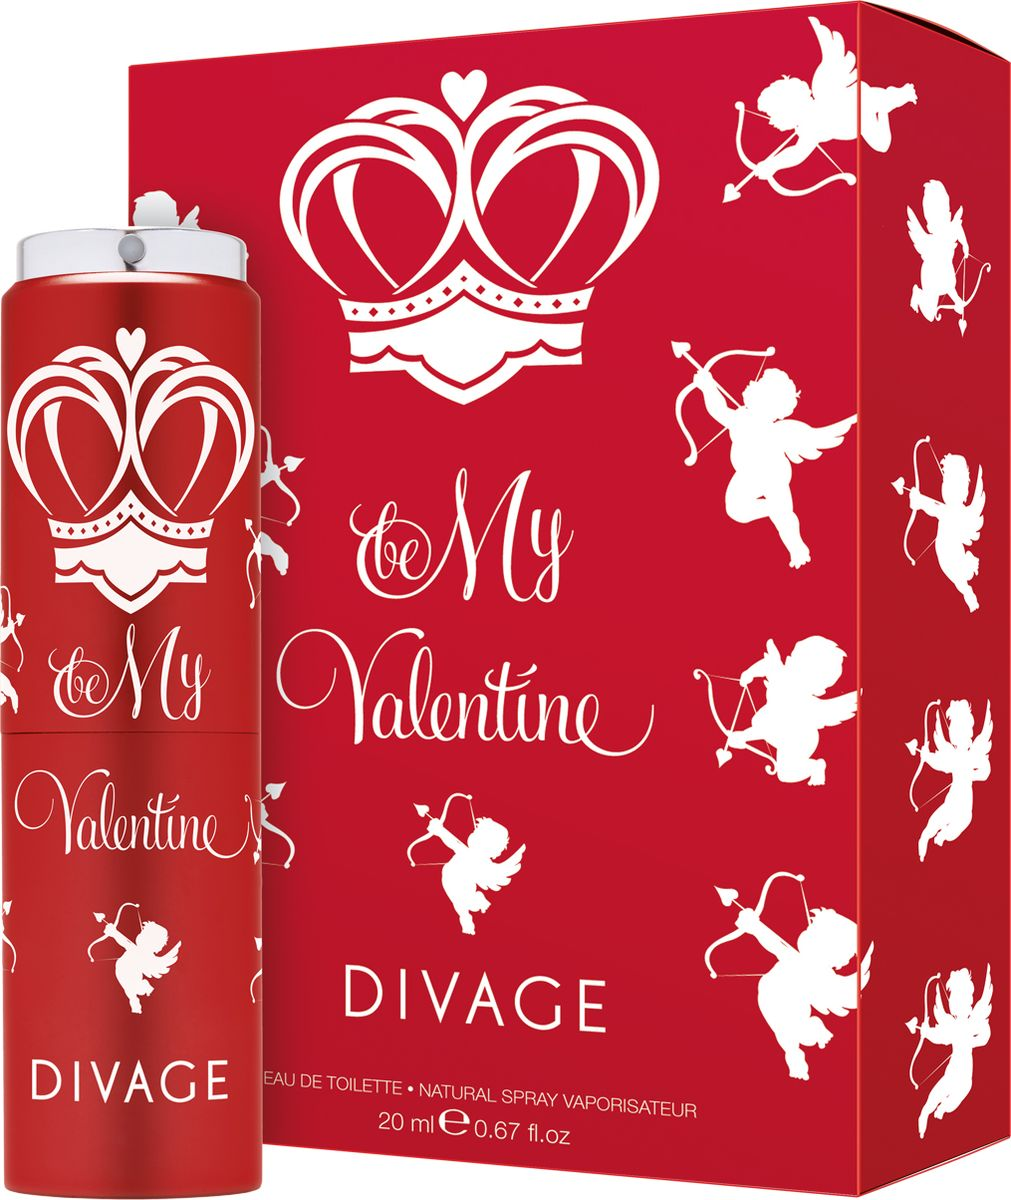 Divage Туалетная Вода Be my valentine 20 мл2218Самая прекрасная история любви, воплощена в этом чувственном, цветочно-древесном аромате. Пленительный гальбанум, зеленый шипр, сладкий бархатный персик, роскошная и благоухающая белая роза плавно переплетаются с нежным мускусом и чувственным пачули и дарят настоящее романтическое настроение. Влюбляйся, целуй, будь невероятно женственной, обольстительной и привлекательной!